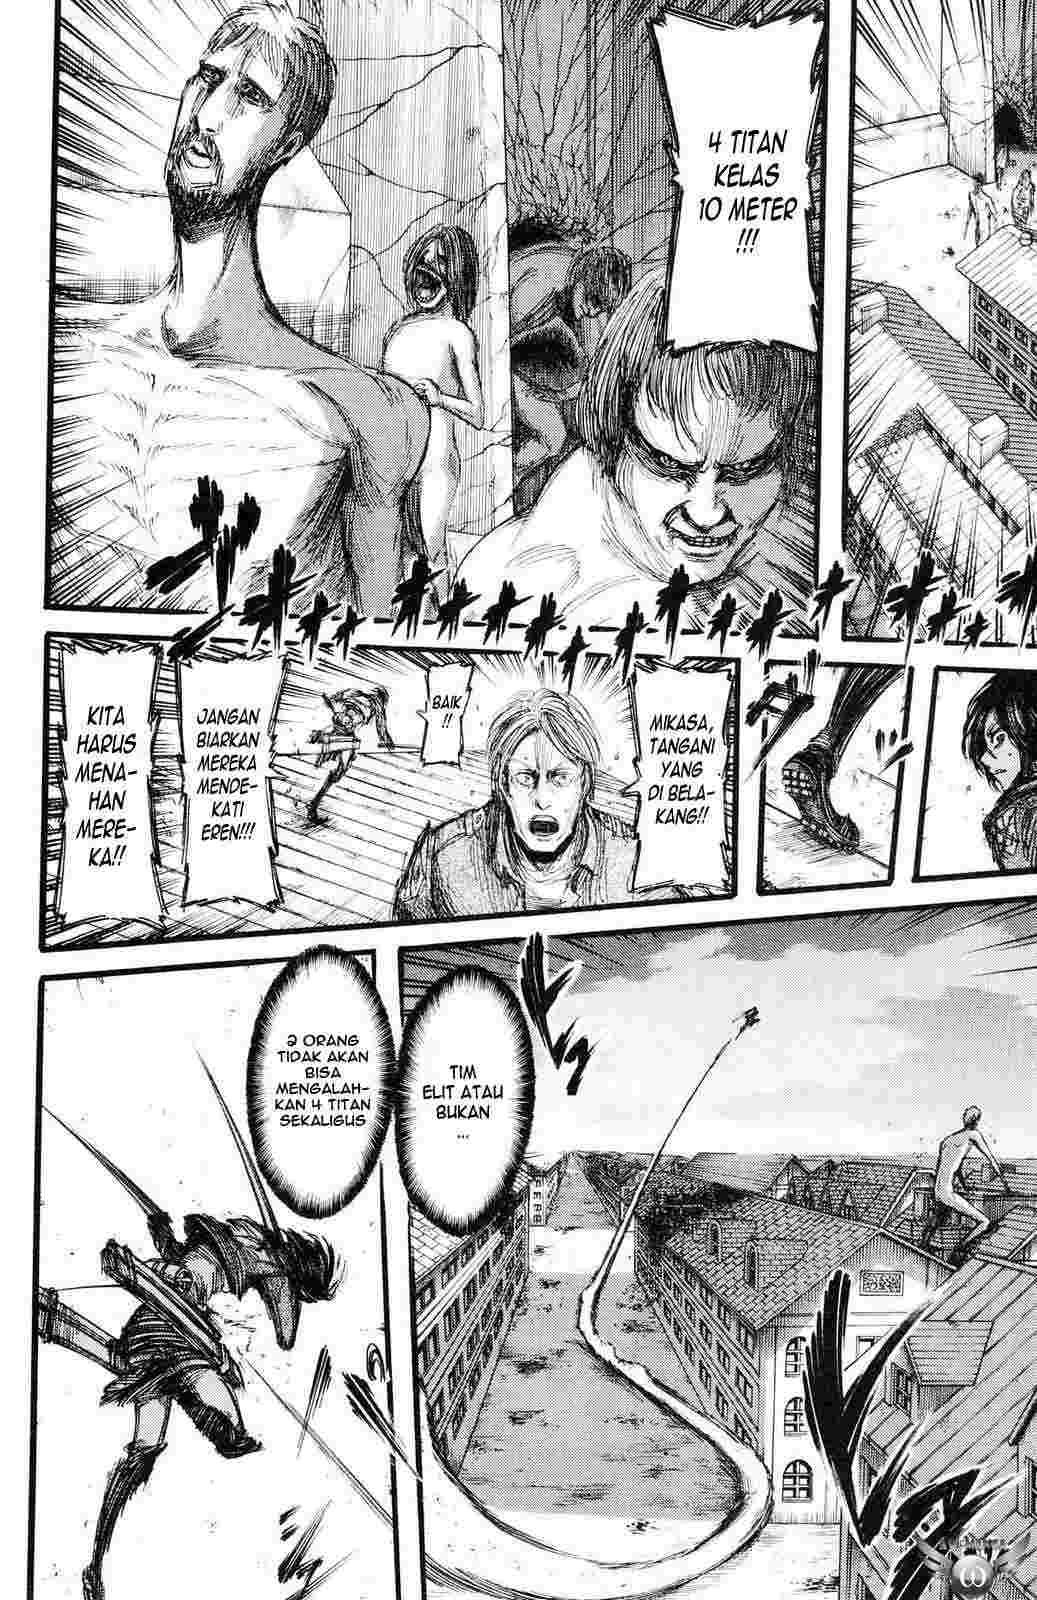 Komik shingeki no kyojin 013 - Luka 14 Indonesia shingeki no kyojin 013 - Luka Terbaru 27 Baca Manga Komik Indonesia Mangaku